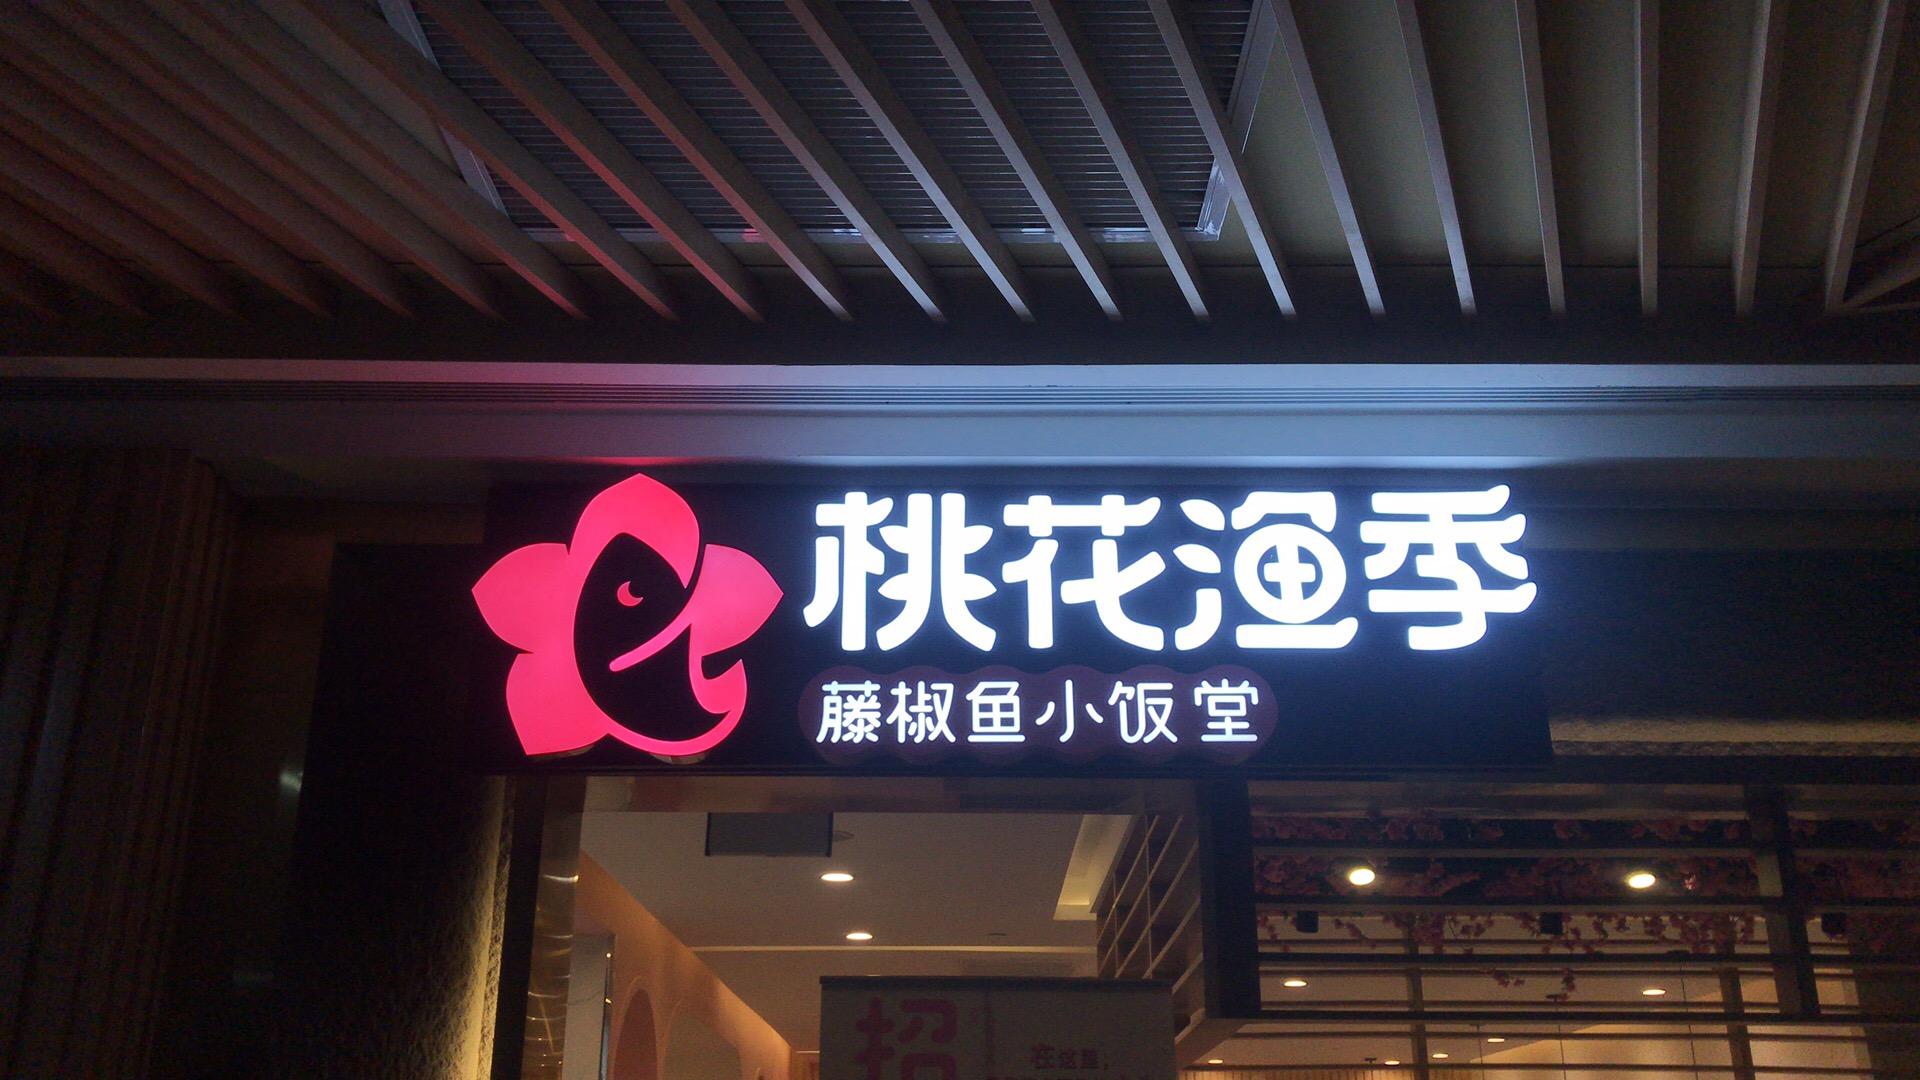 树脂字_悦亦广告